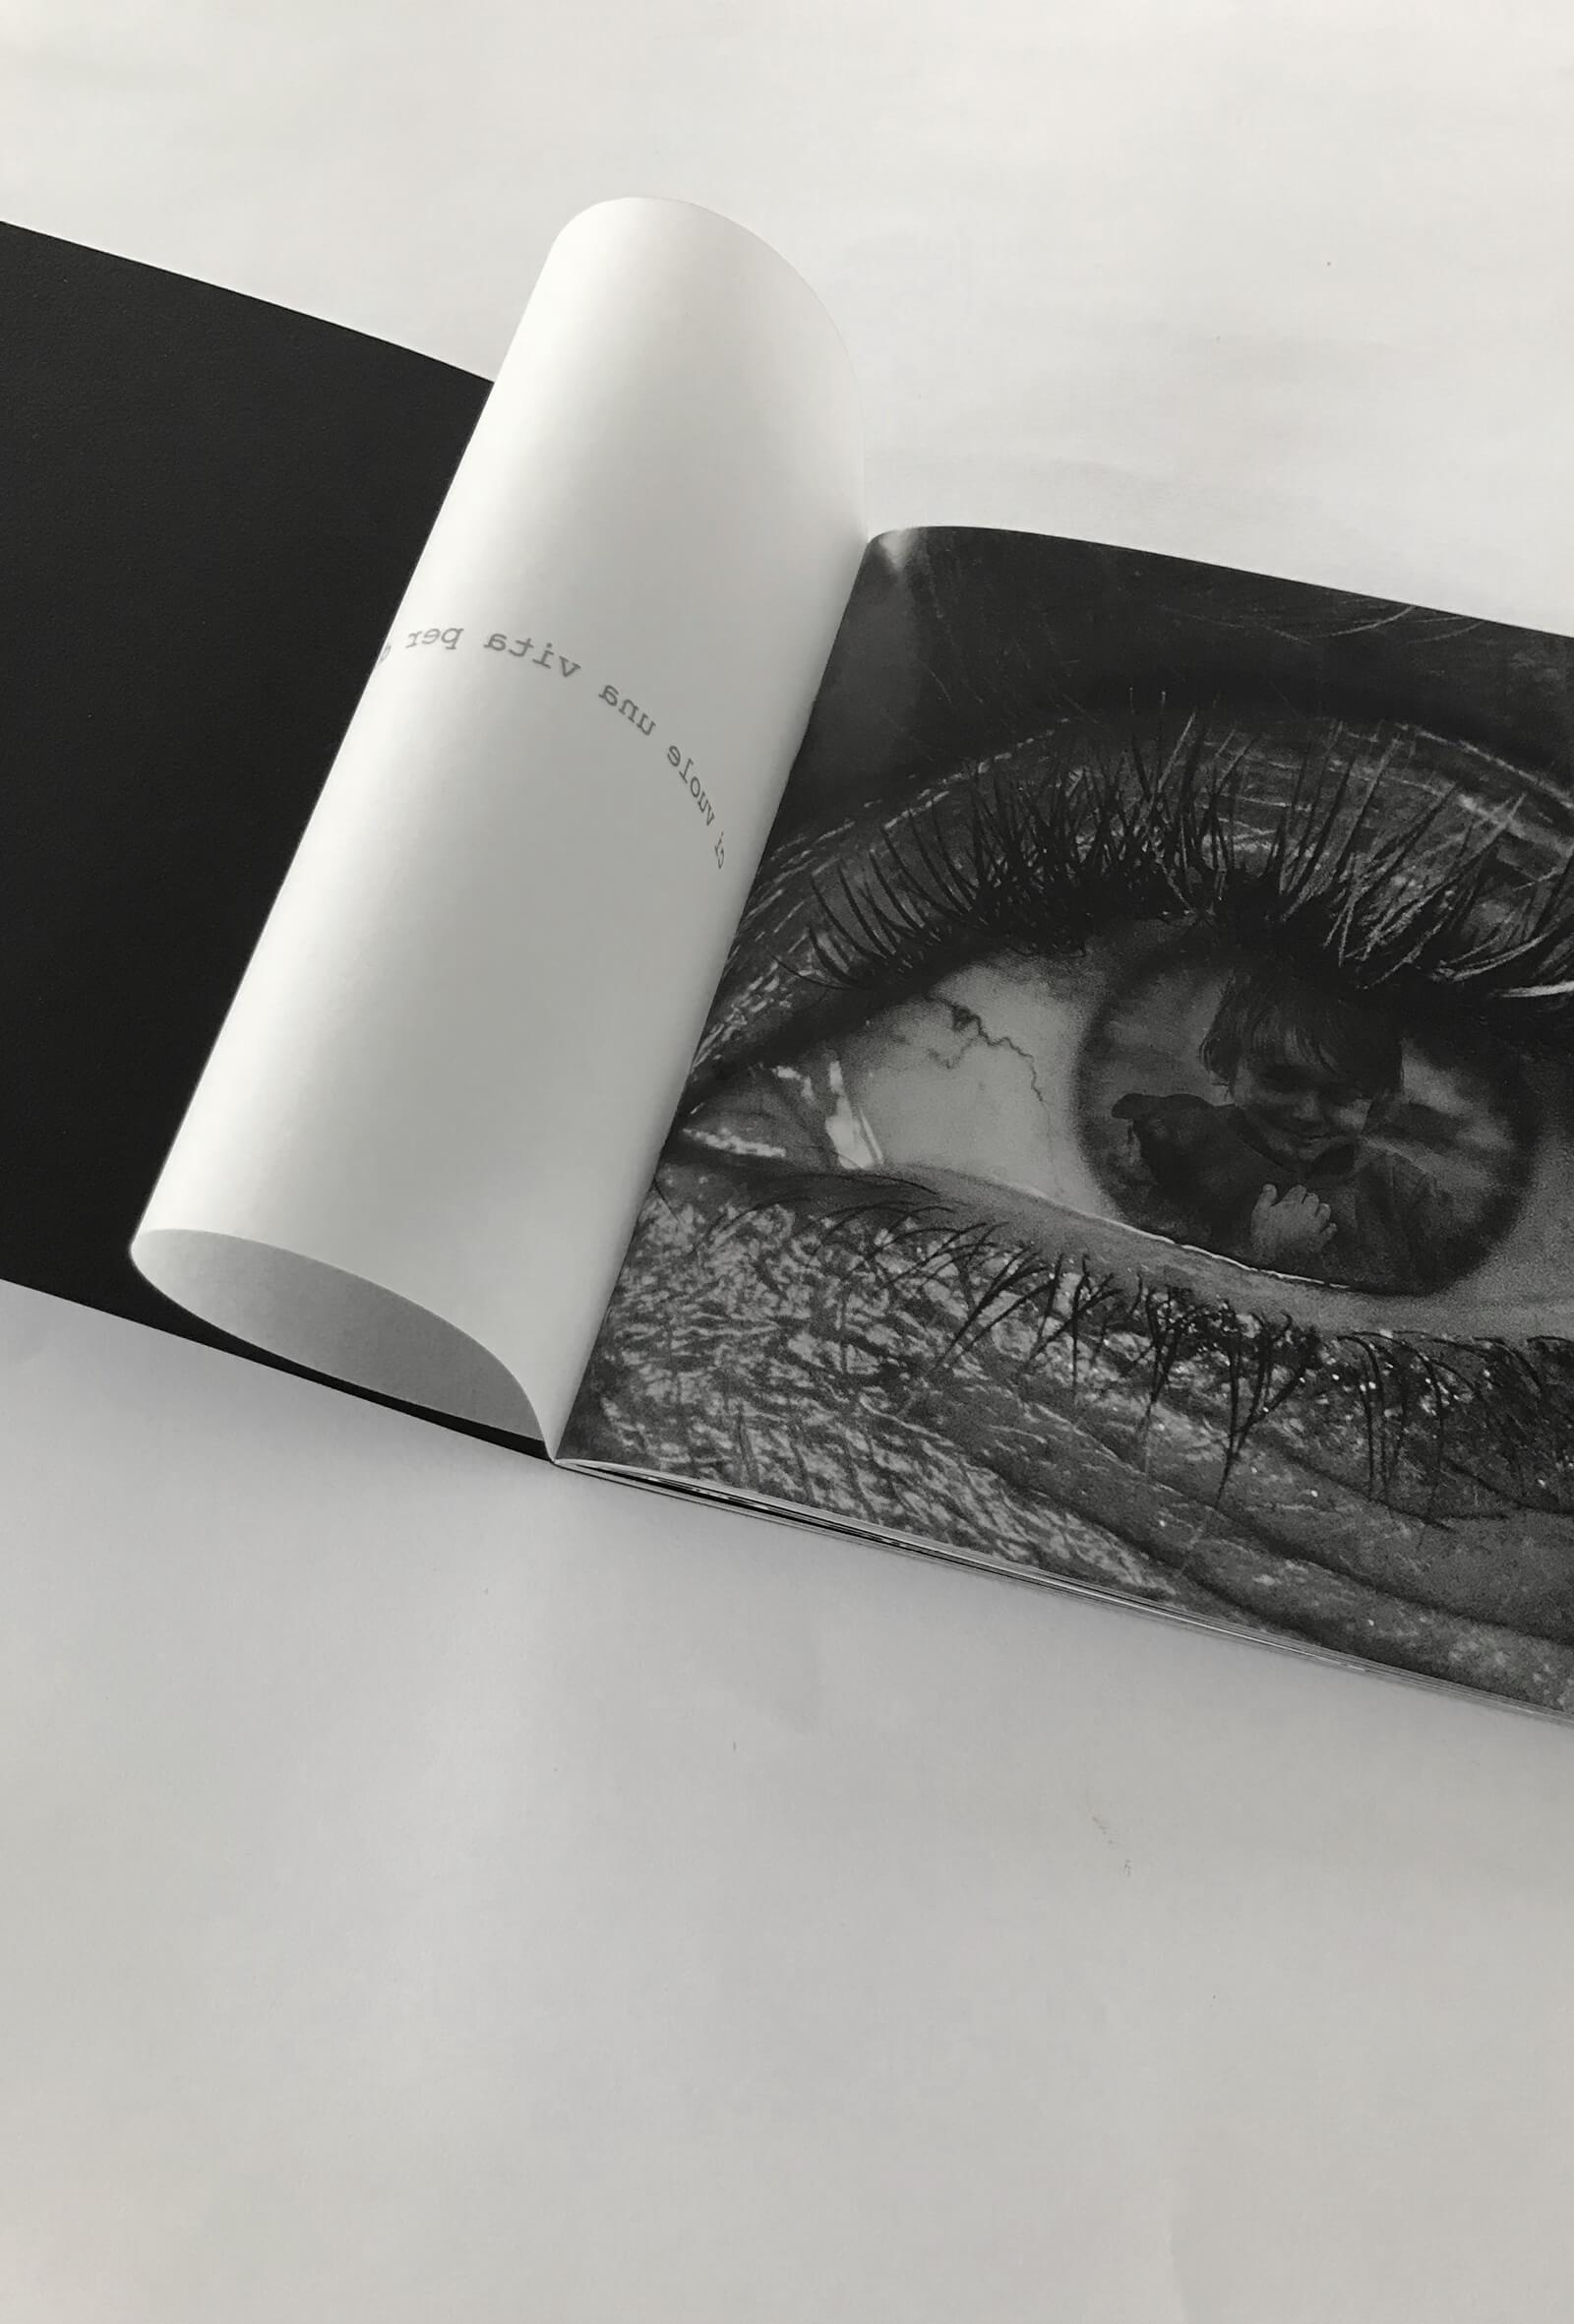 dettaglio del catalogo d'arte -Mirror di Francesca Lorenzi-realizzato in cartoncino nero e carta da lucido, progettato dall'agenzia pubblicitaria Diade studio